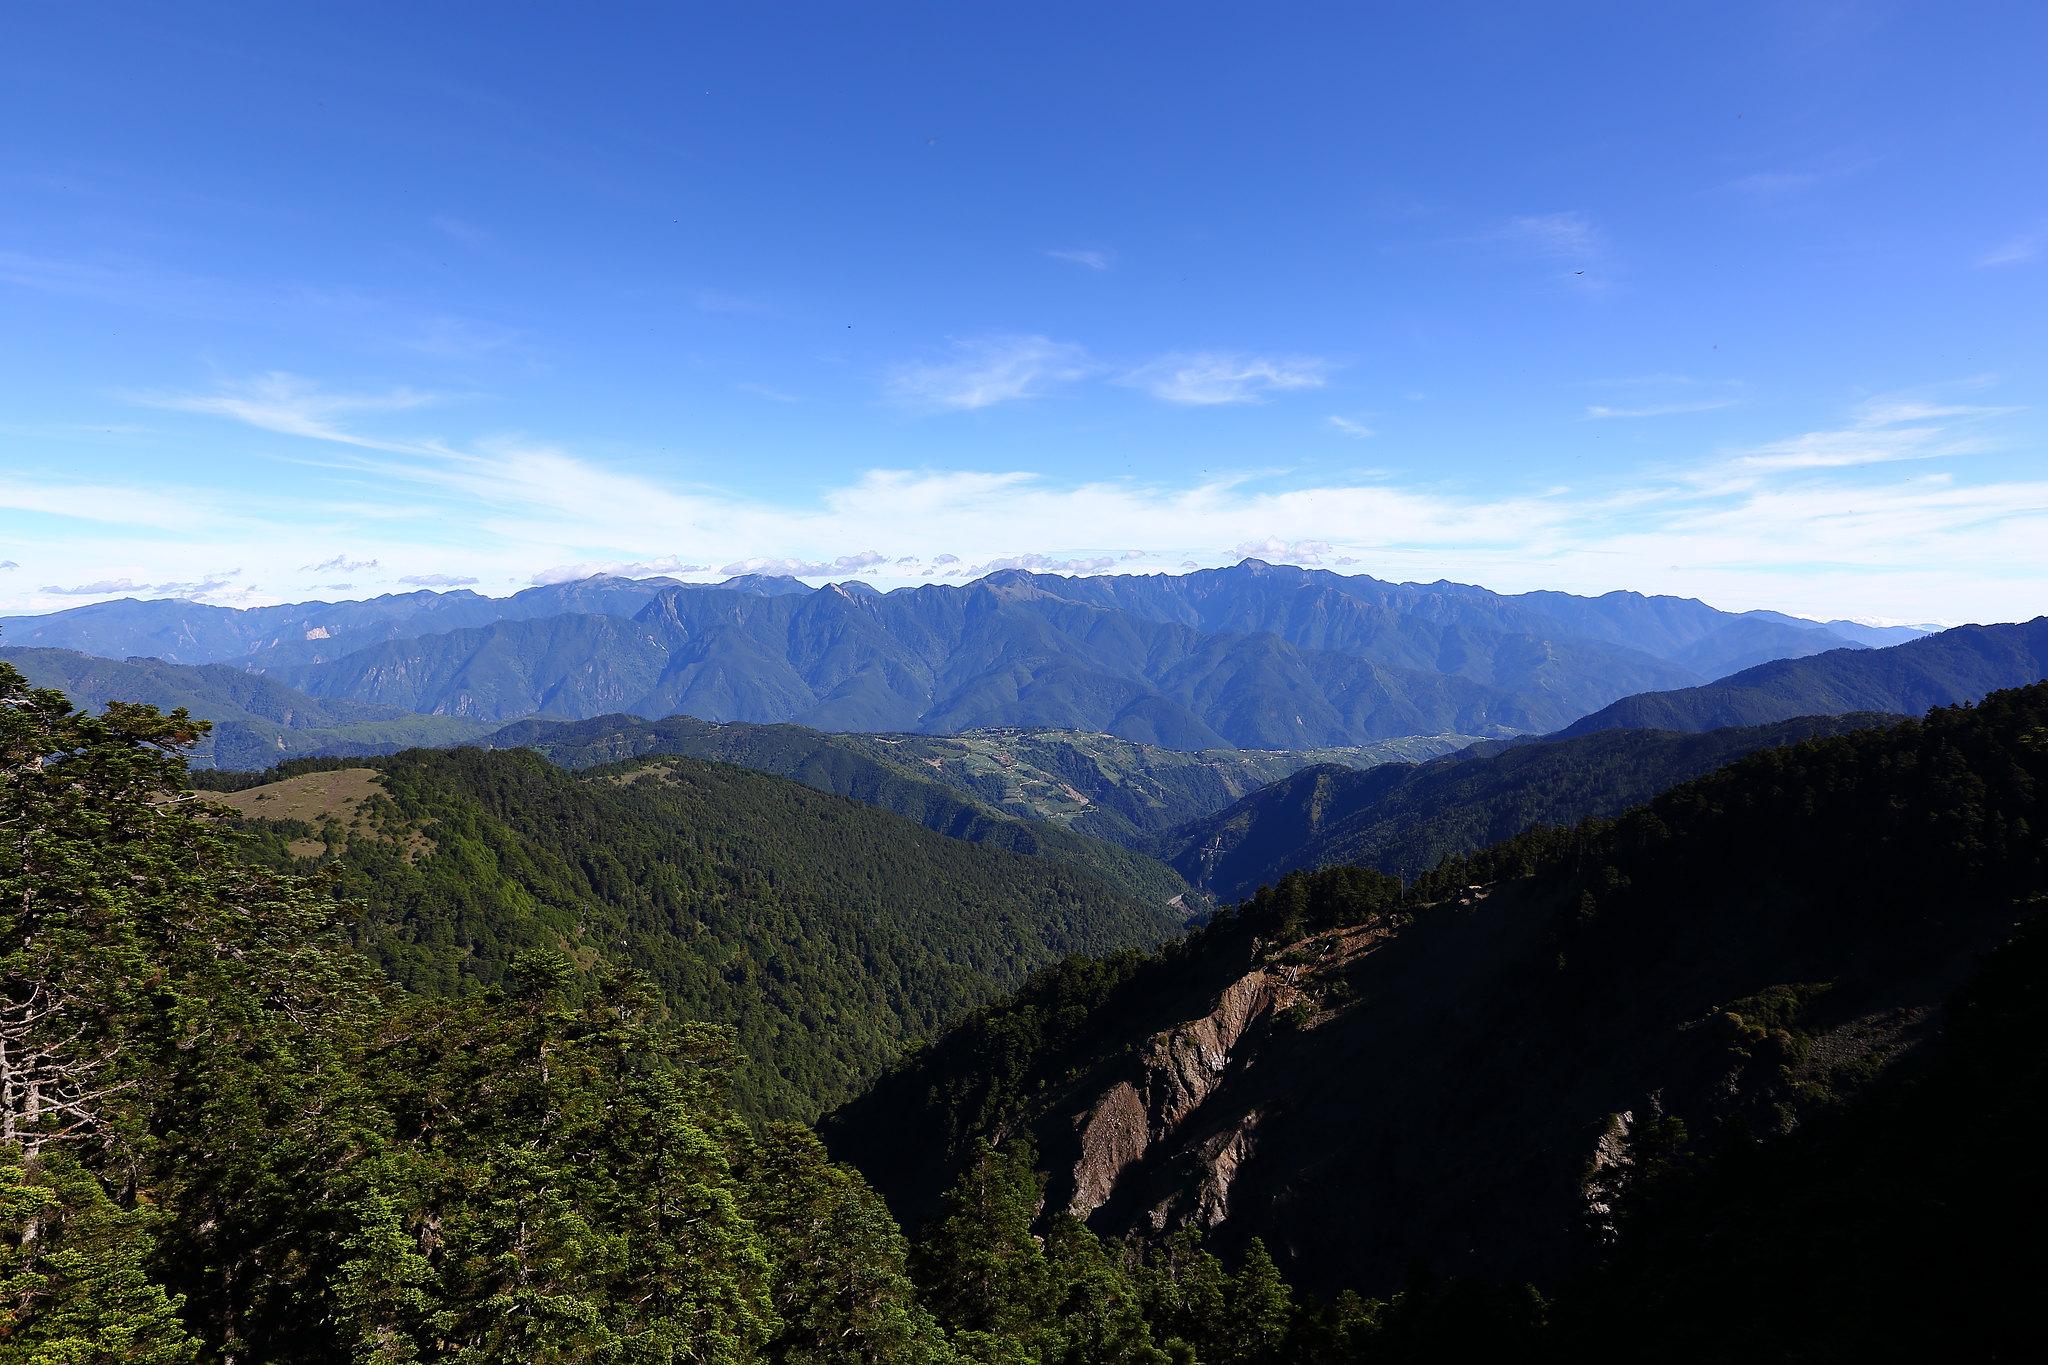 雪山西南稜全景